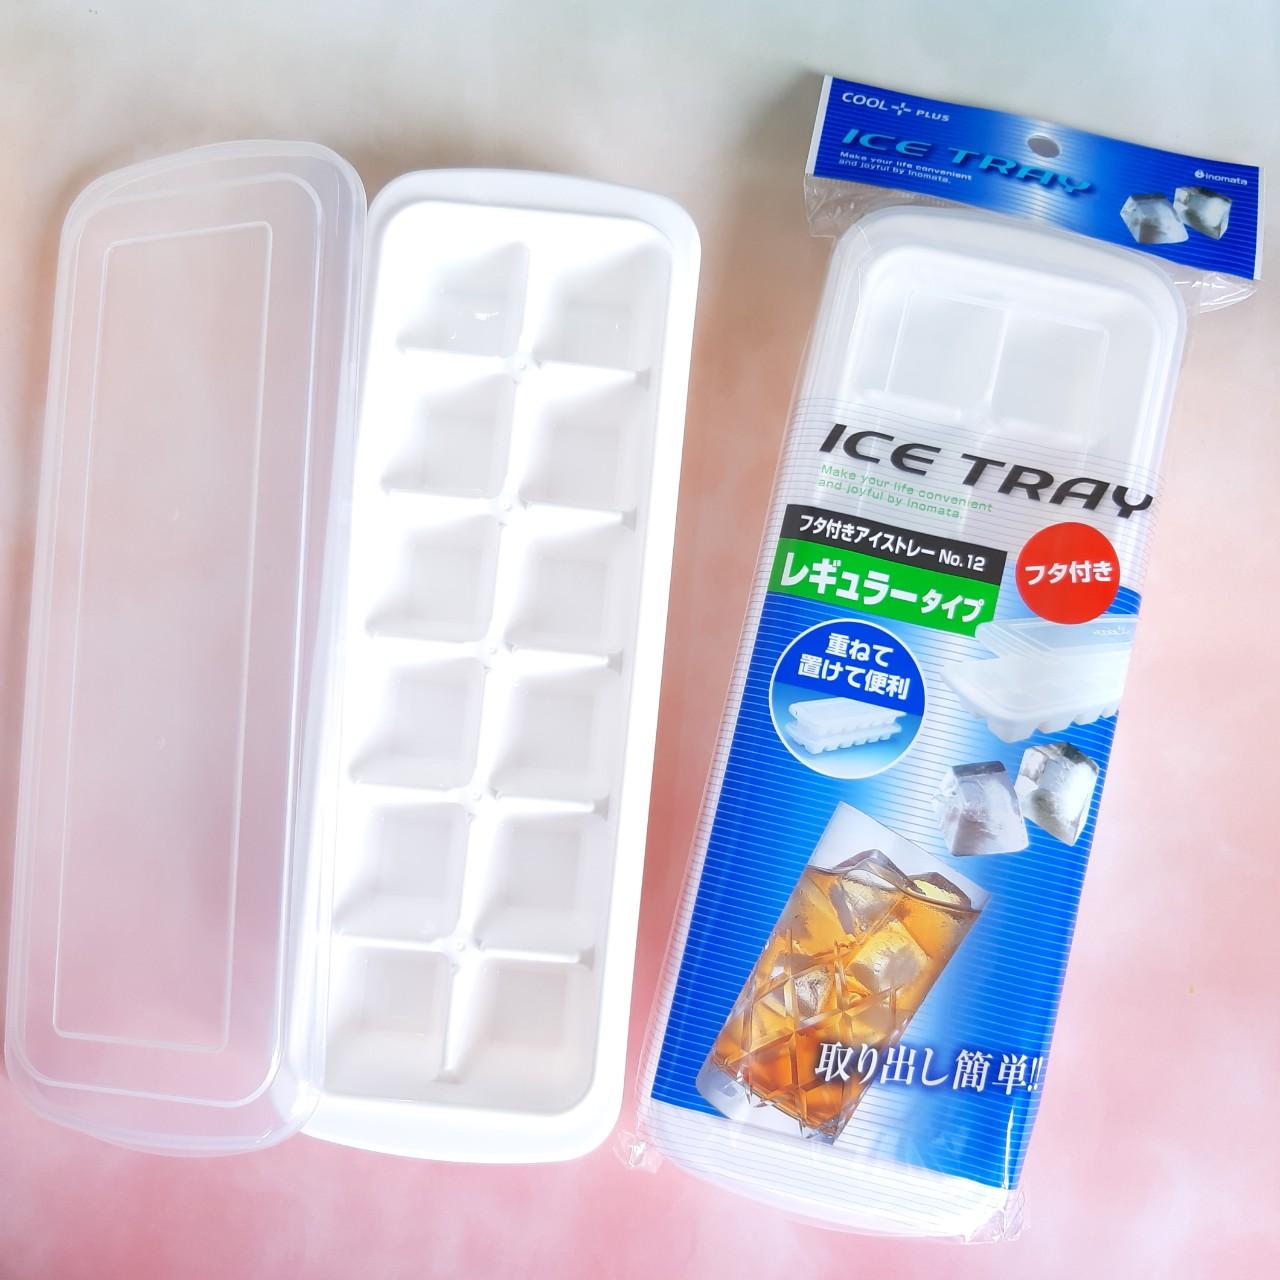 Combo 2 khay làm đá/trữ đông 12 viên nhập khẩu từ Nhật + kèm gói 100 tăm bông upass